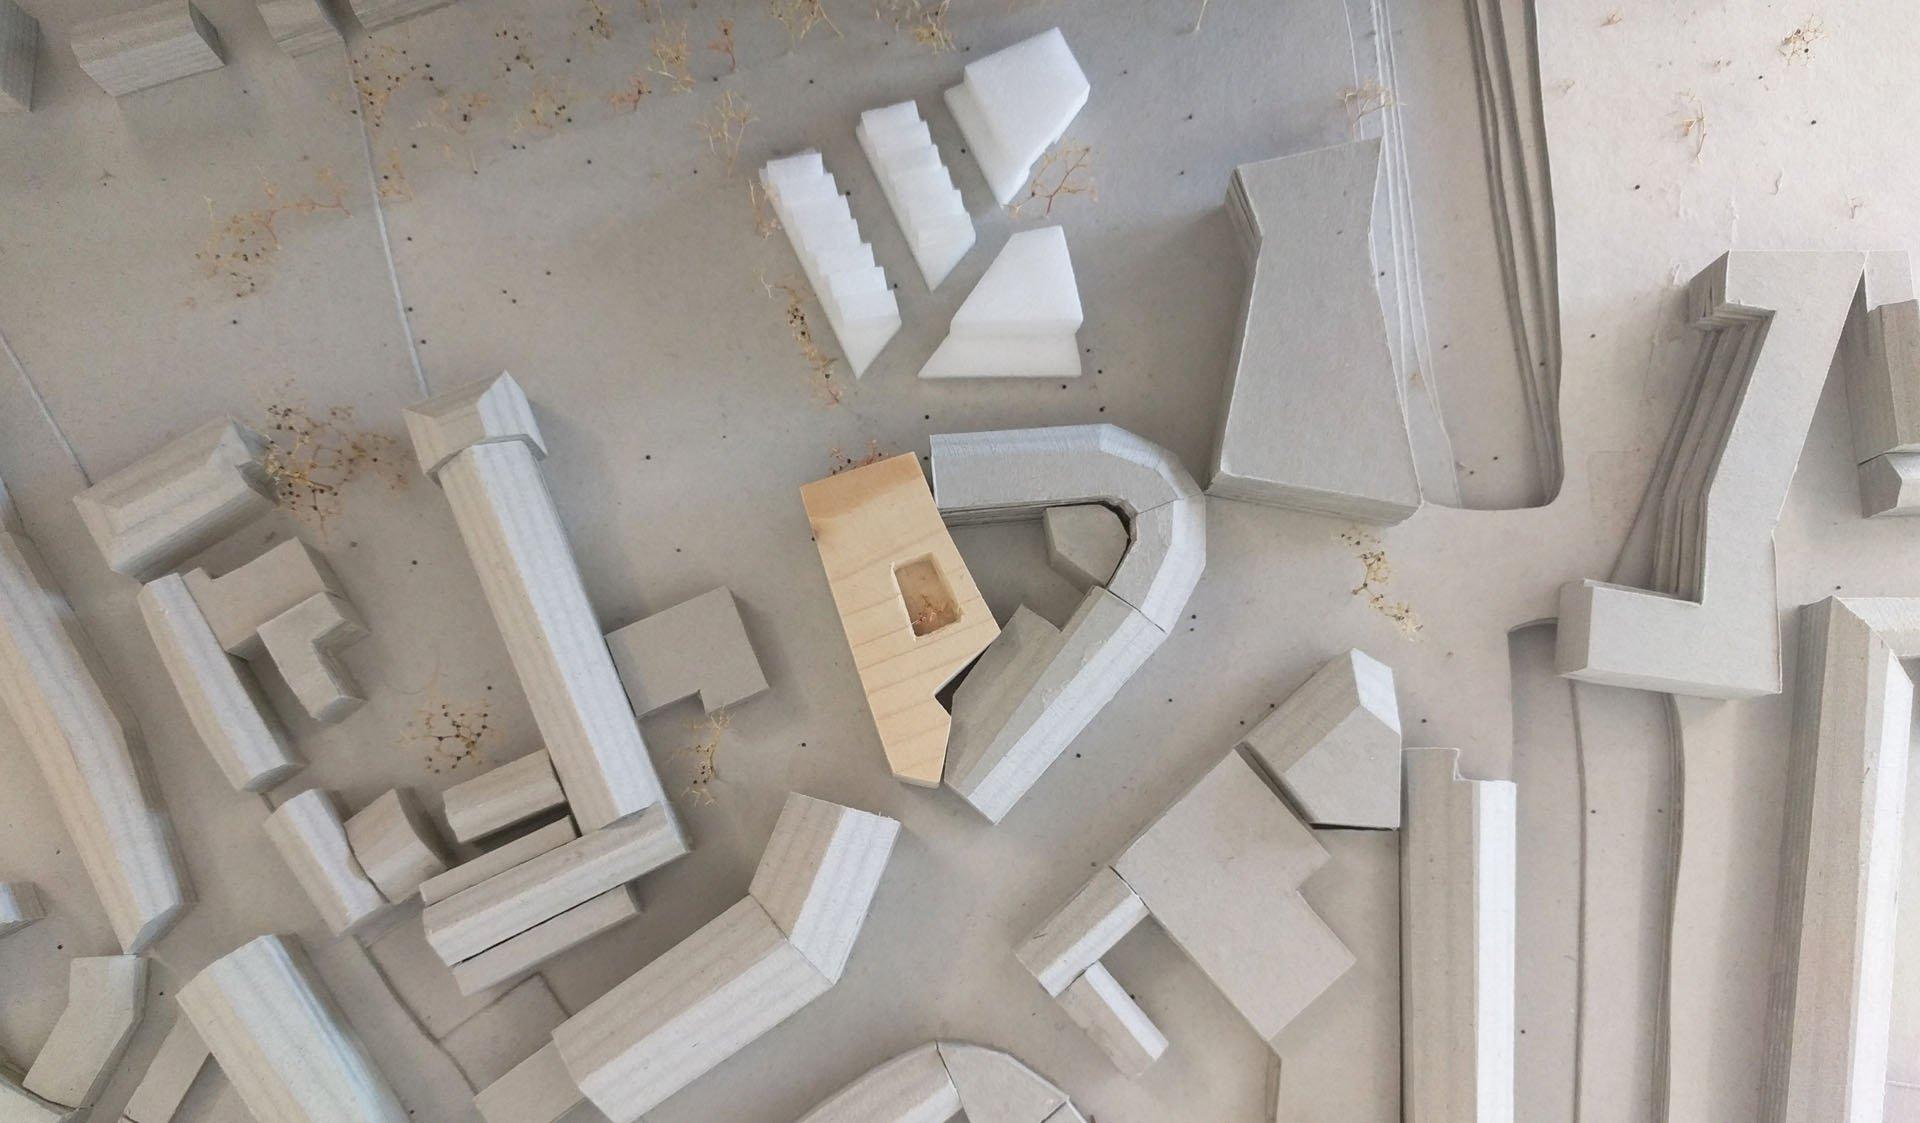 Miniatur Modell Stadtbücherei von oben